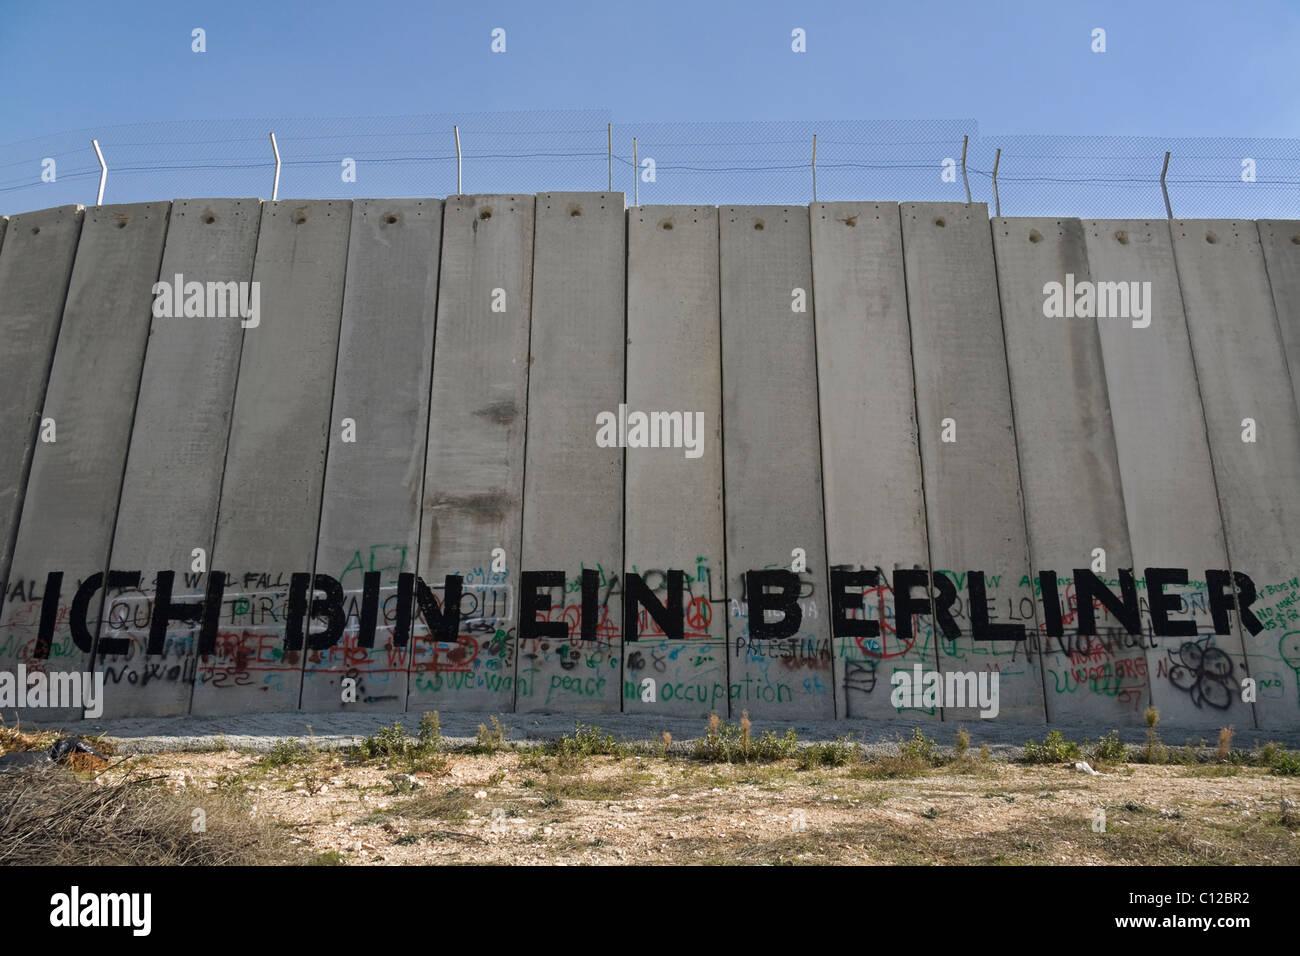 Ein Graffiti auf der Trennwand, Palästina Stockbild